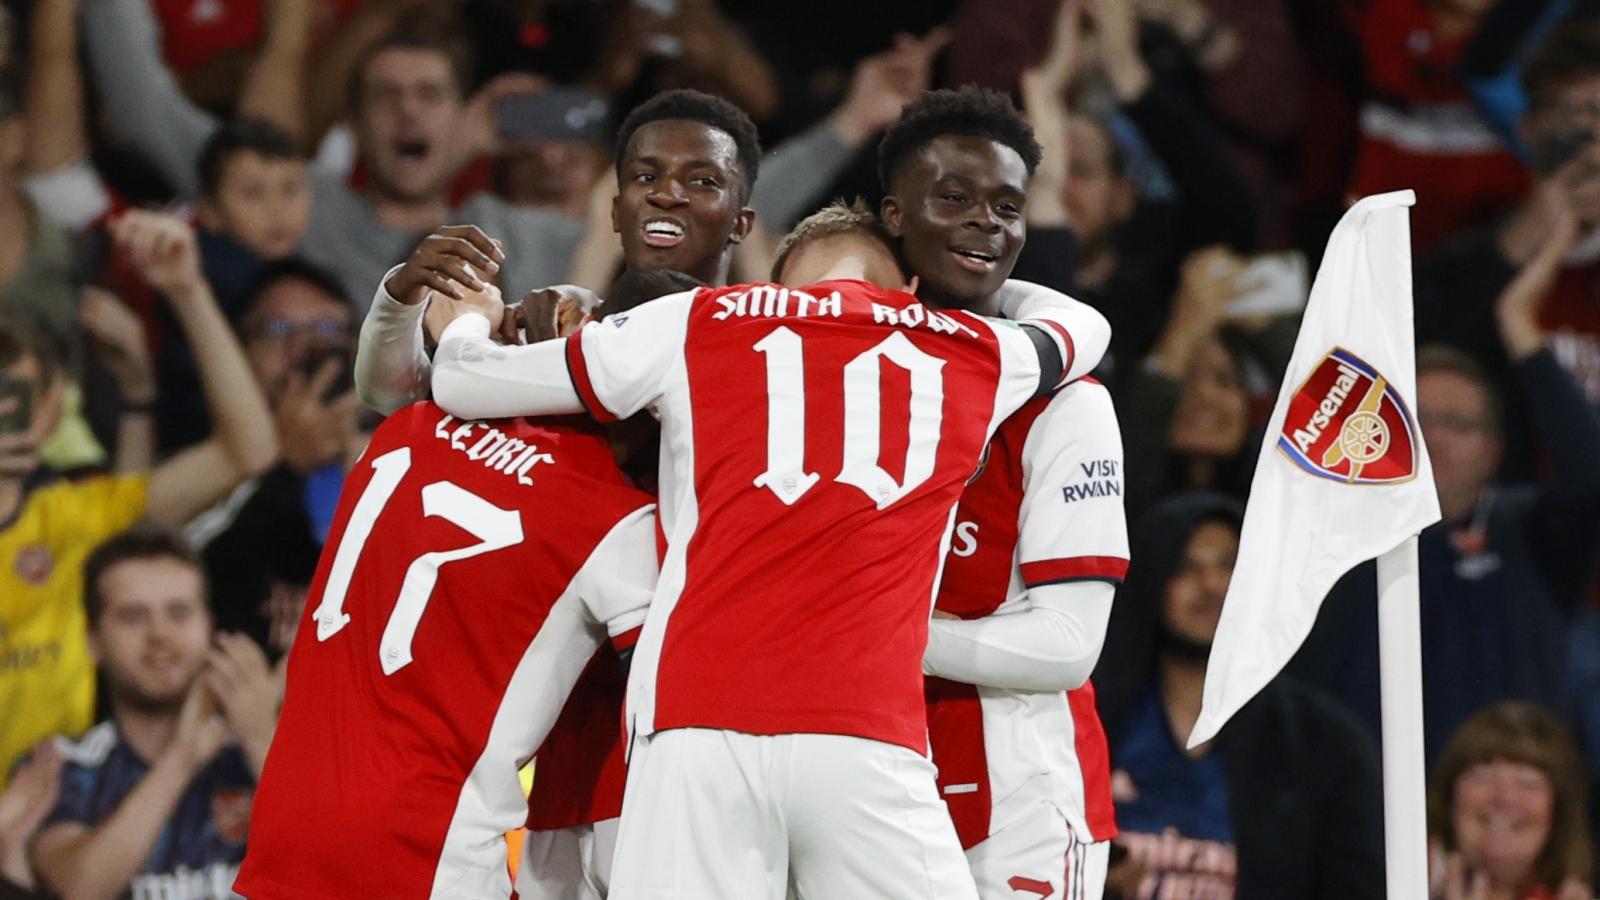 Lịch thi đấu bóng đá hôm nay 26-9: Arsenal quyết đấu với Tottenham